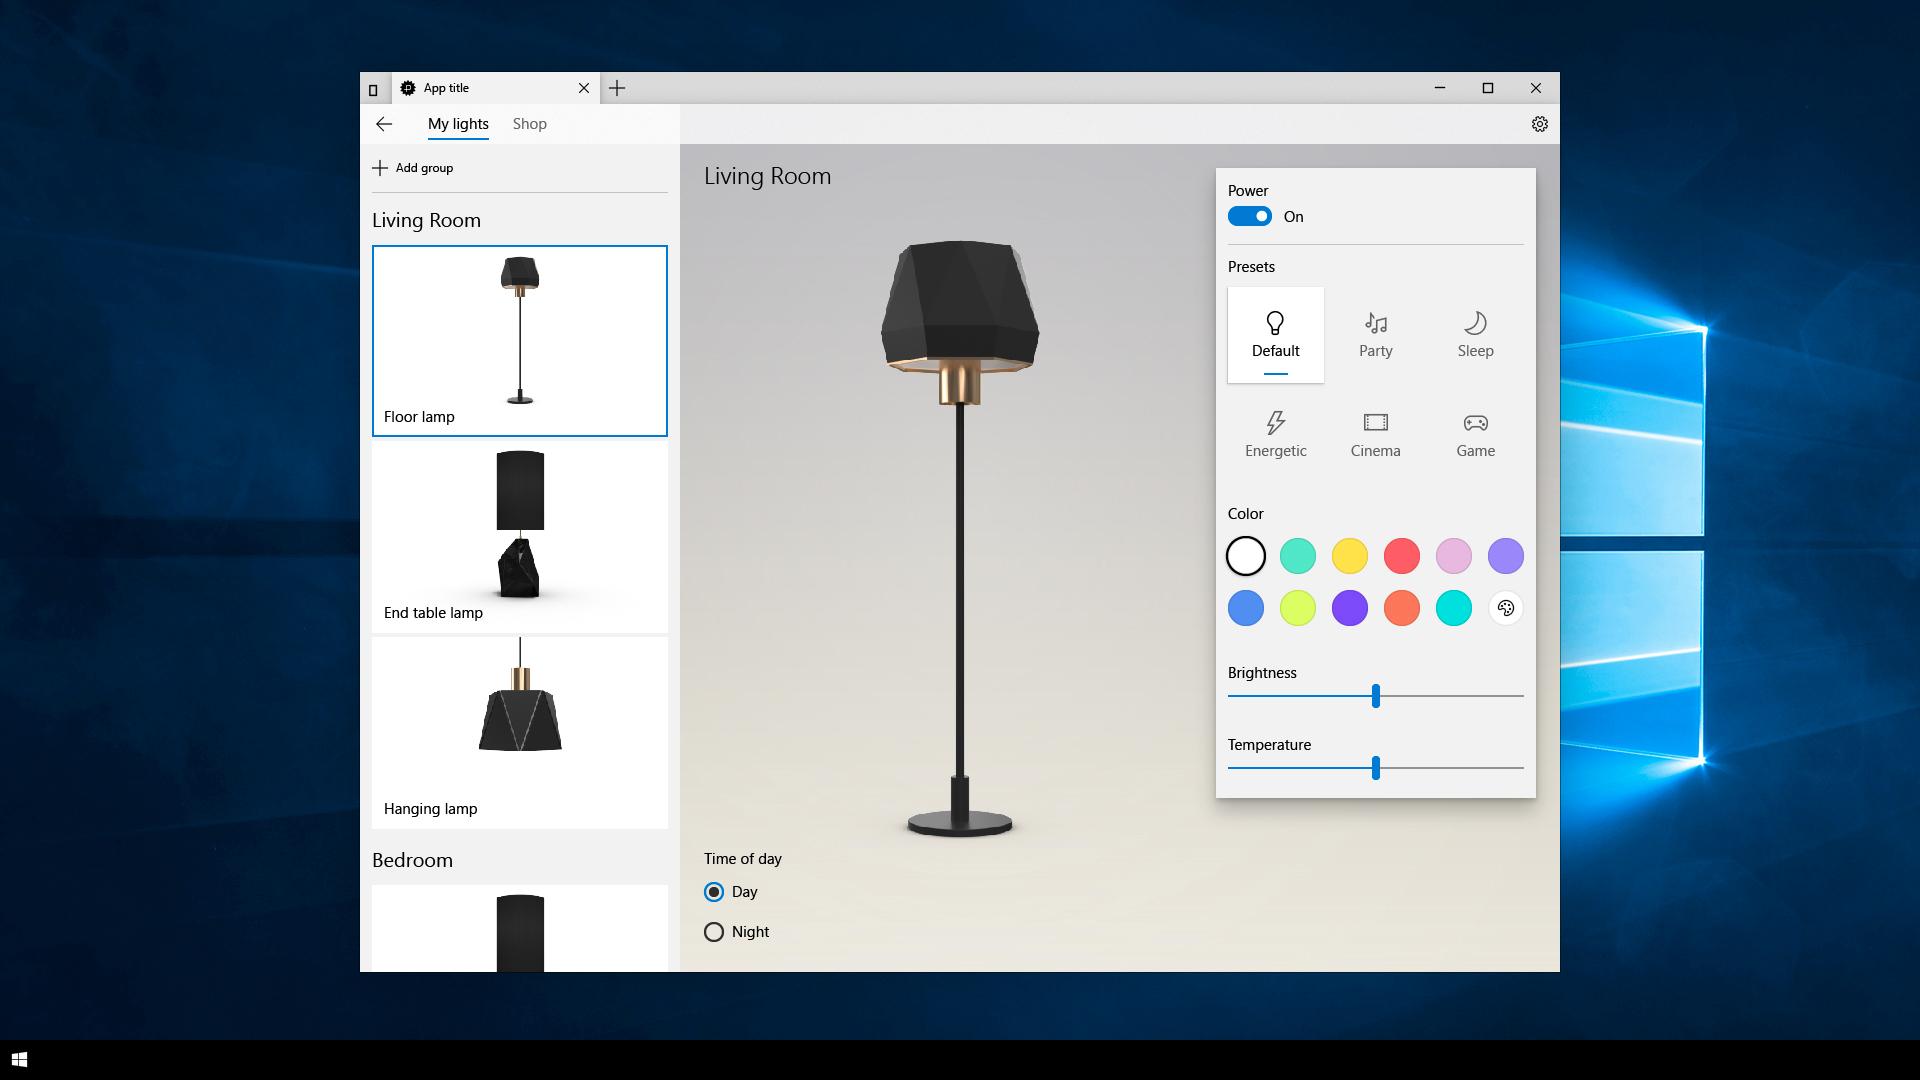 UWP(유니버설 Windows 플랫폼) 앱 디자인 소개(Windows 앱) - Windows UWP ...